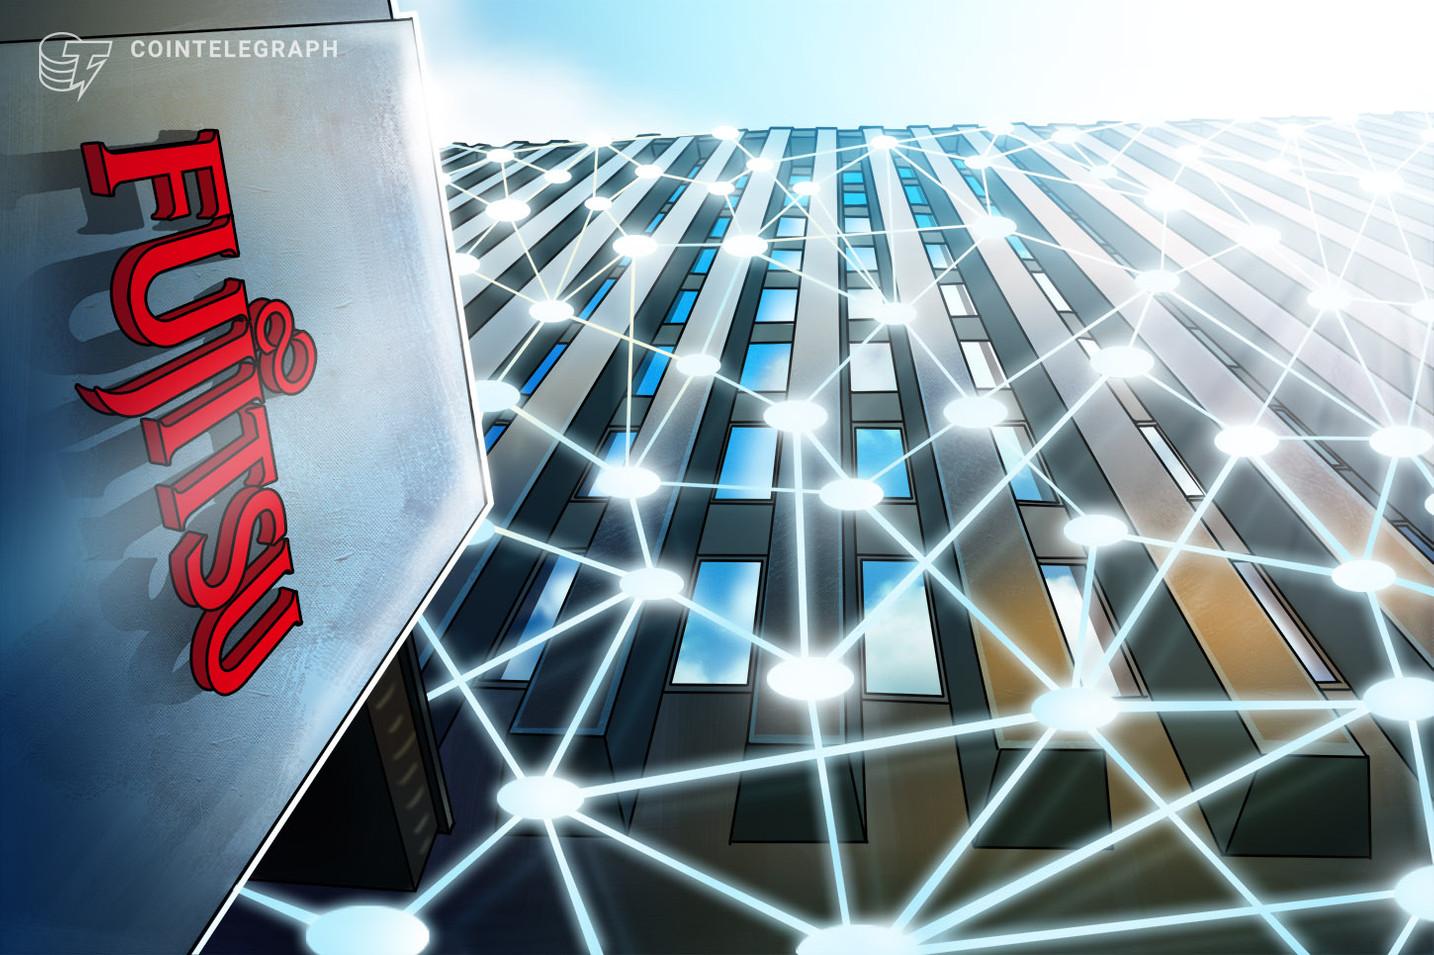 Fujitsu costruisce un'infrastruttura di pagamenti basata su blockchain per nove banche giapponesi